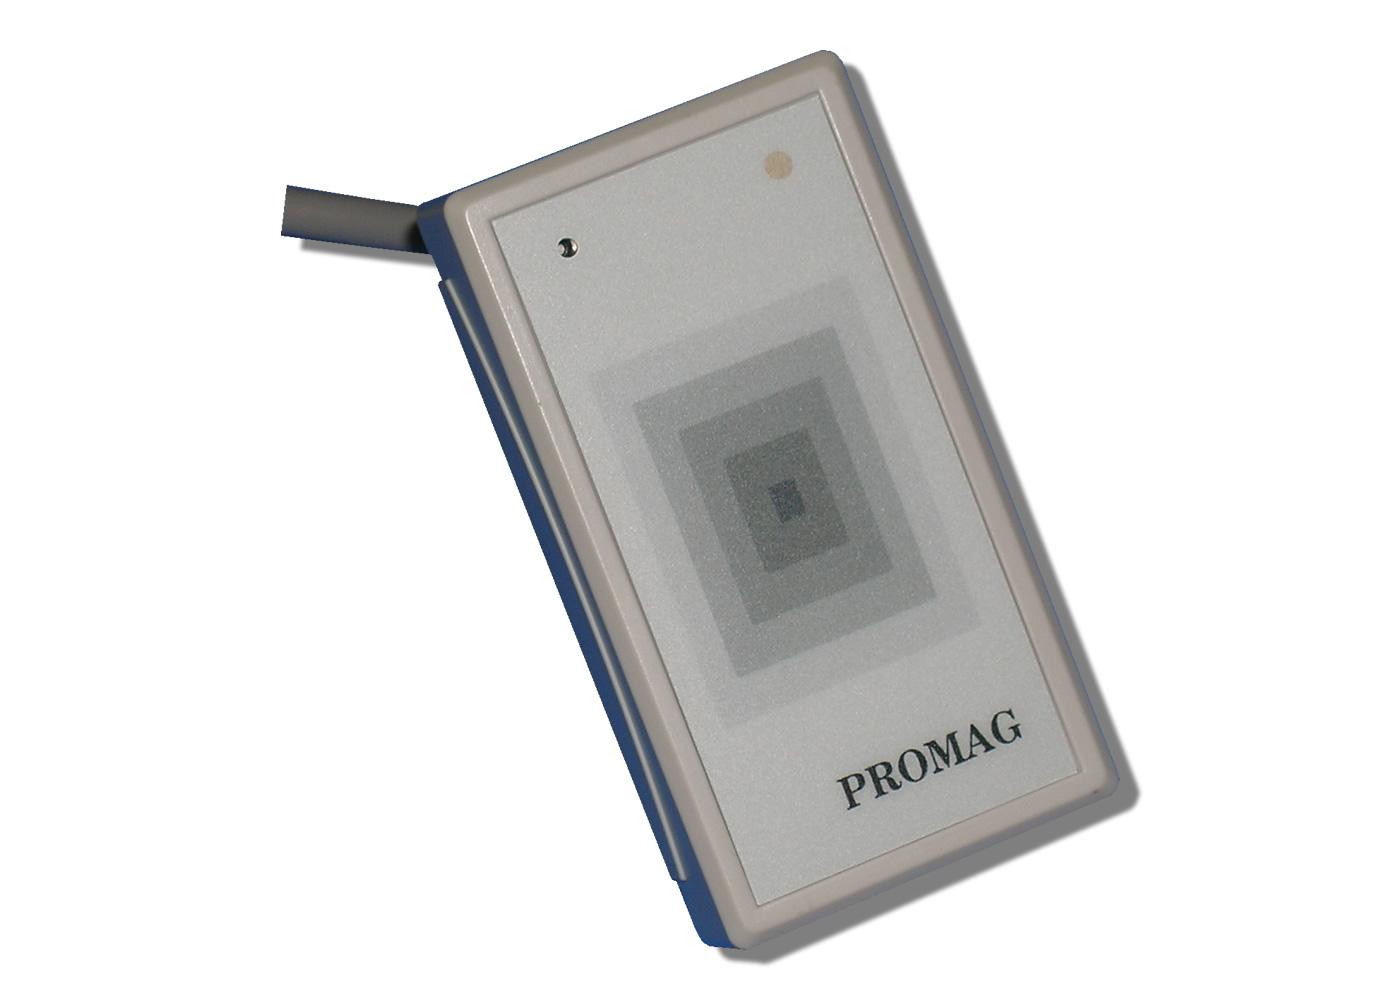 Lecteur de carte à puce sans contact jusqu'à 20 cm en boitier mural